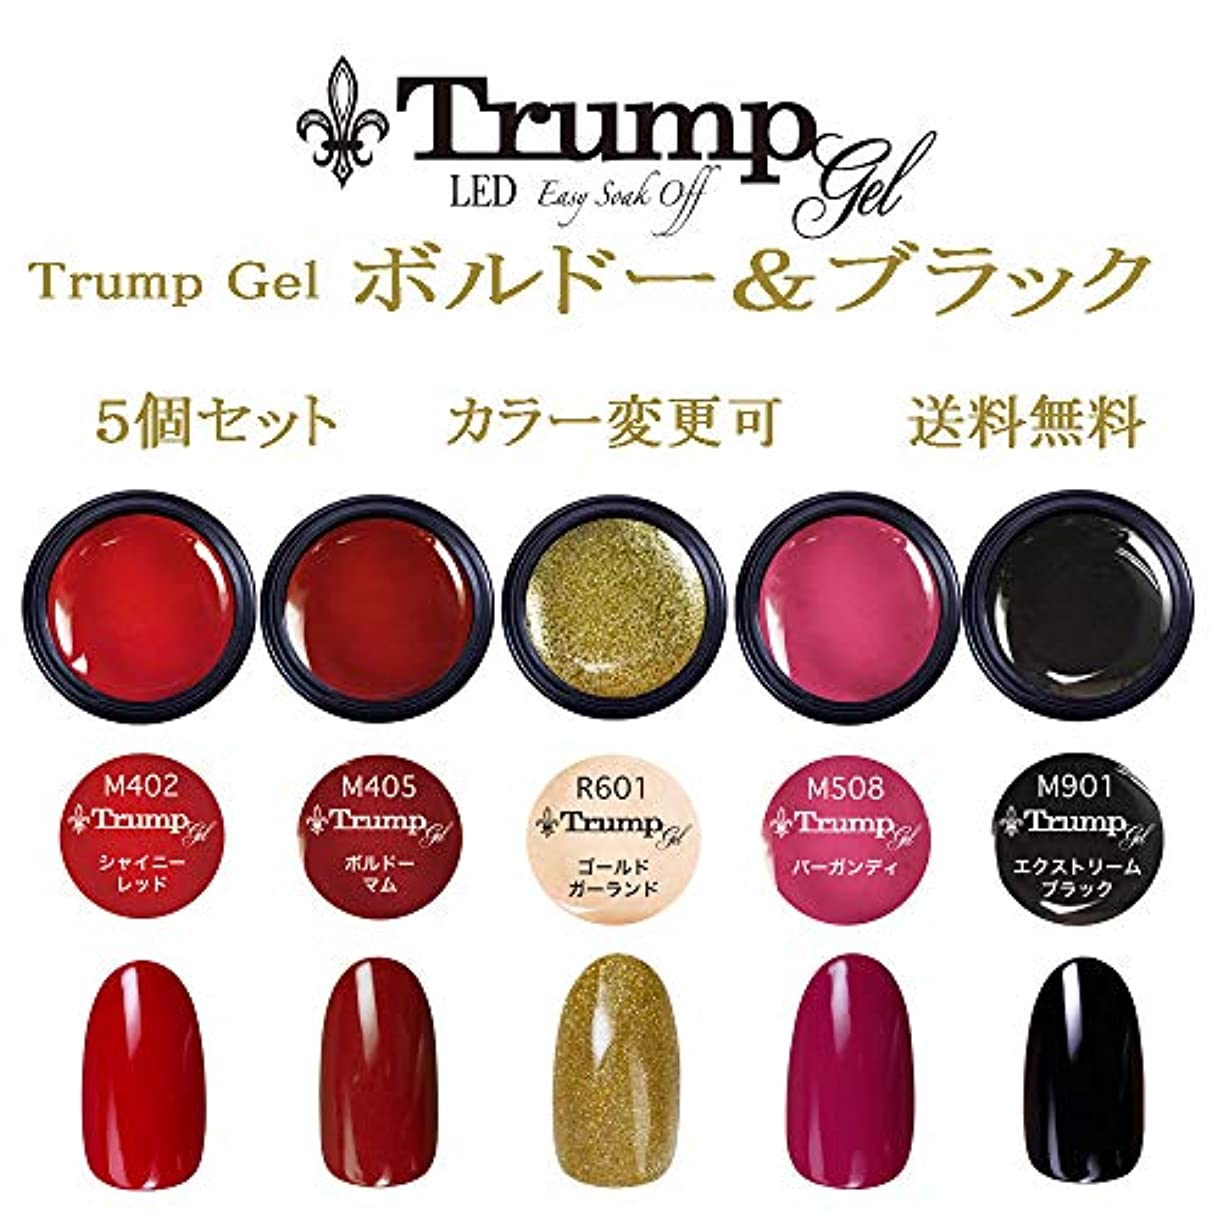 鯨観点大工日本製 Trump gel トランプジェル ボルドー & ブラック ネイル 選べる カラージェル 5個セット ワイン ボルドー ゴールド パープル ブラック